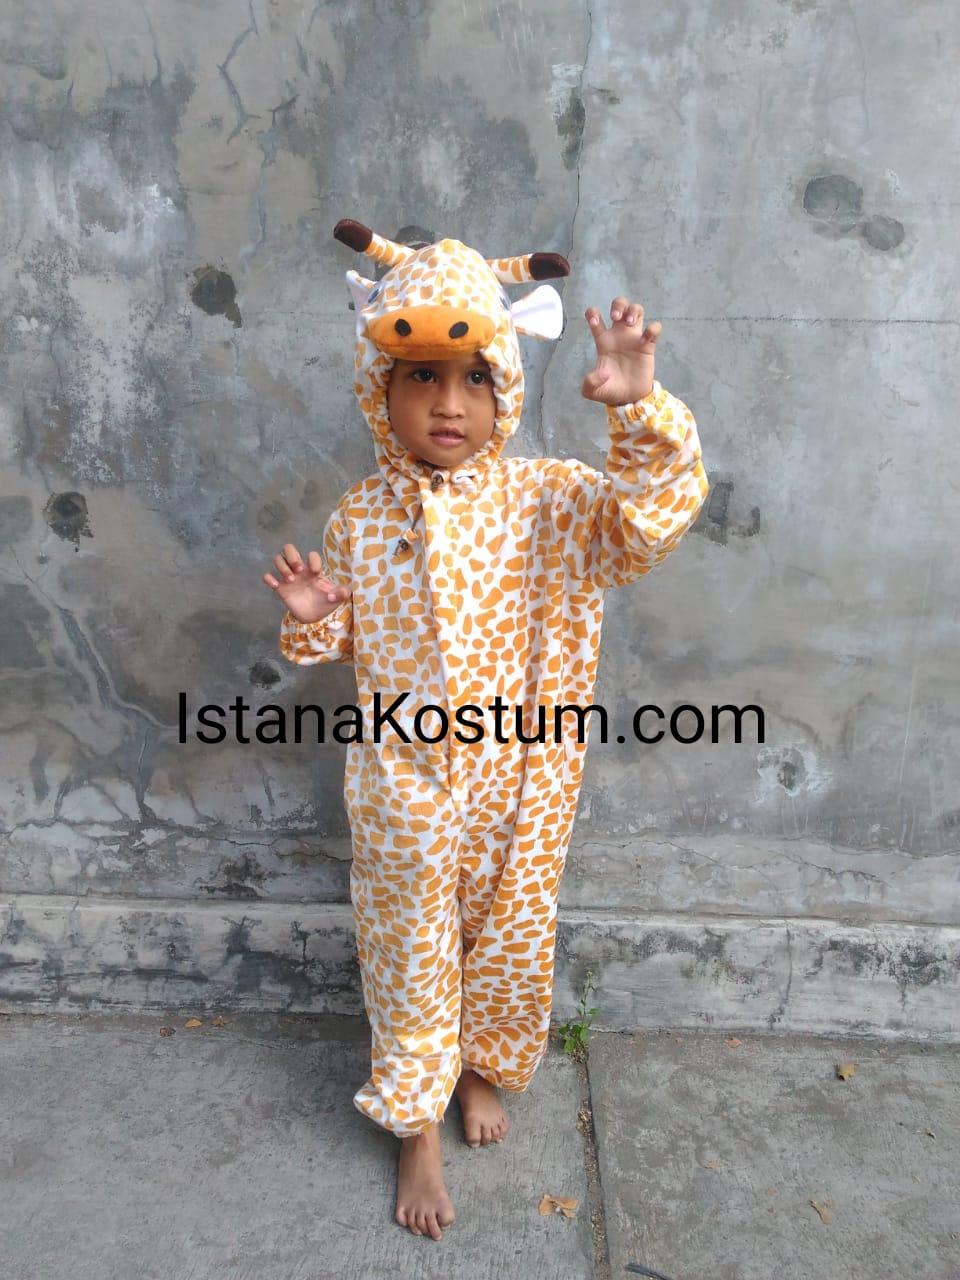 Promo Kostum Badut Anak Karakter Jerapah